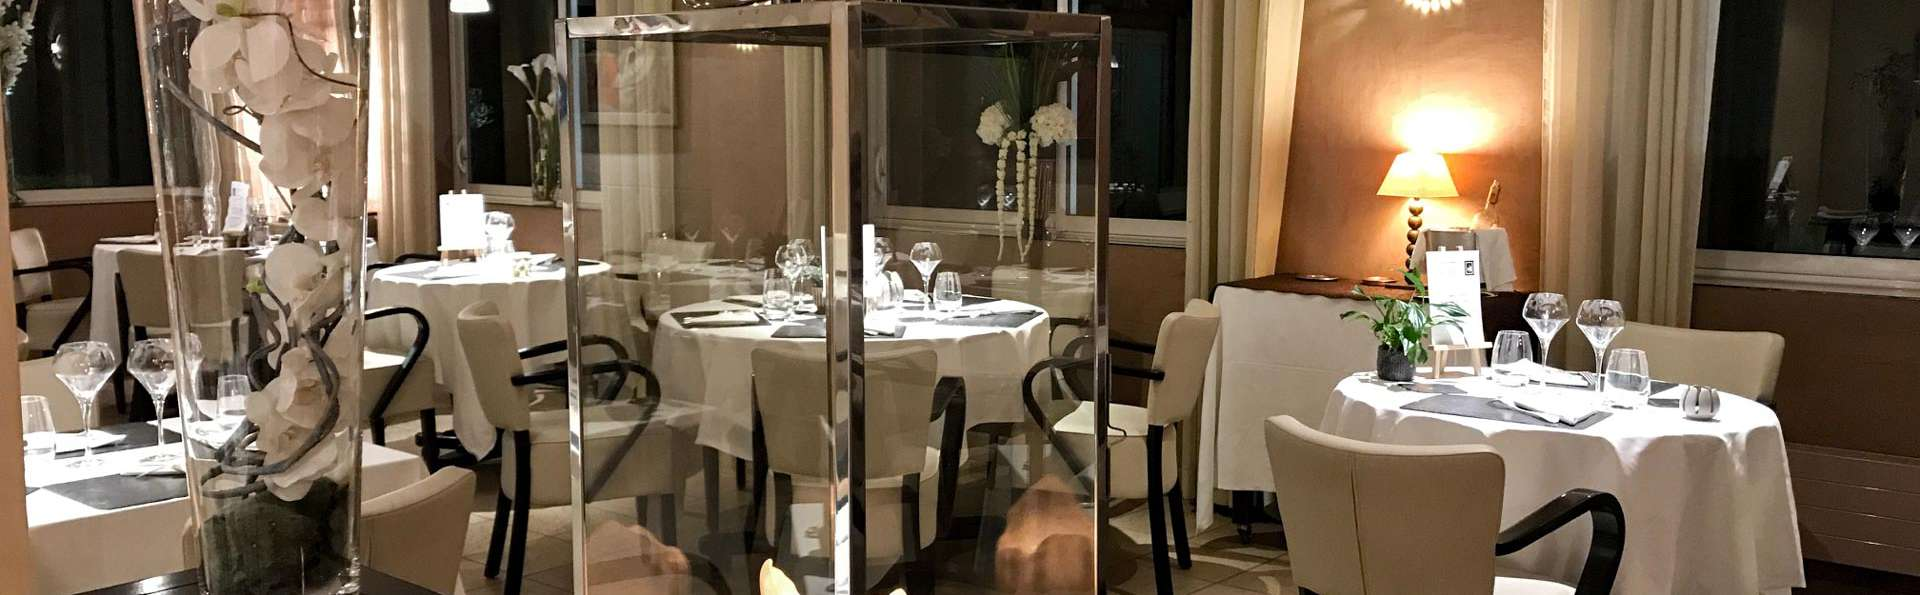 Week-end avec dîner gastronomique à côté de Bordeaux